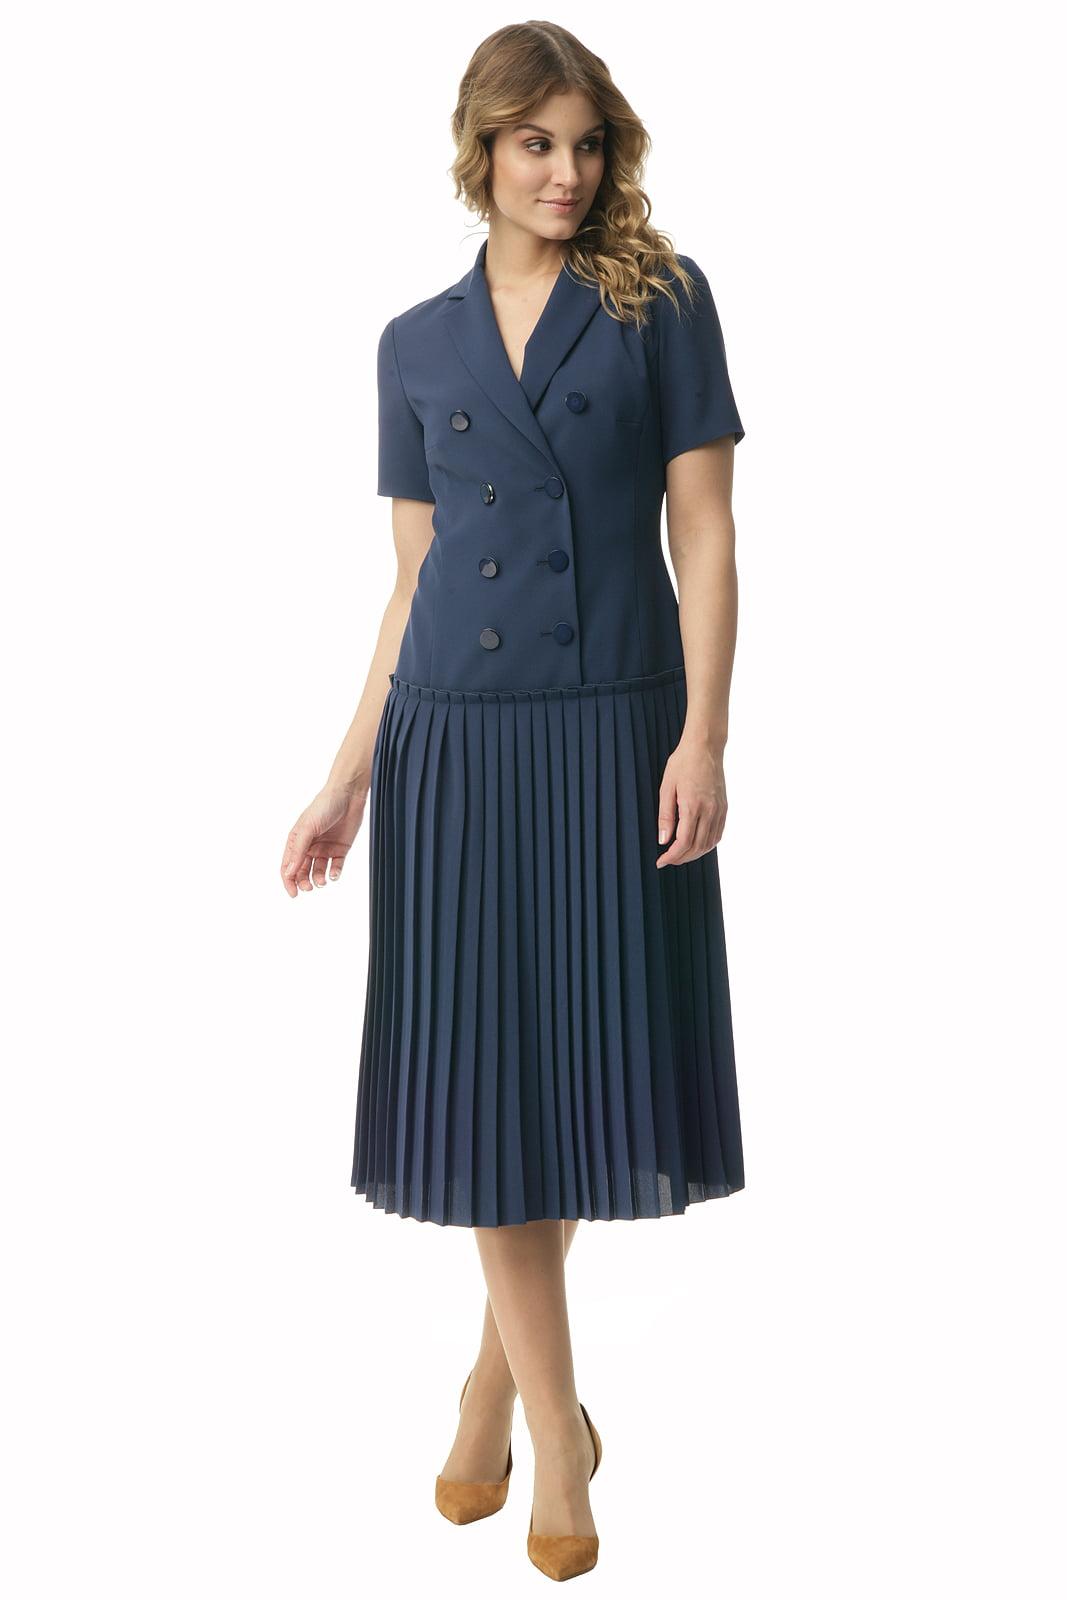 6319a347a5 Granatowa sukienka z plisowaniem o długości midi Halina - Modesta ...